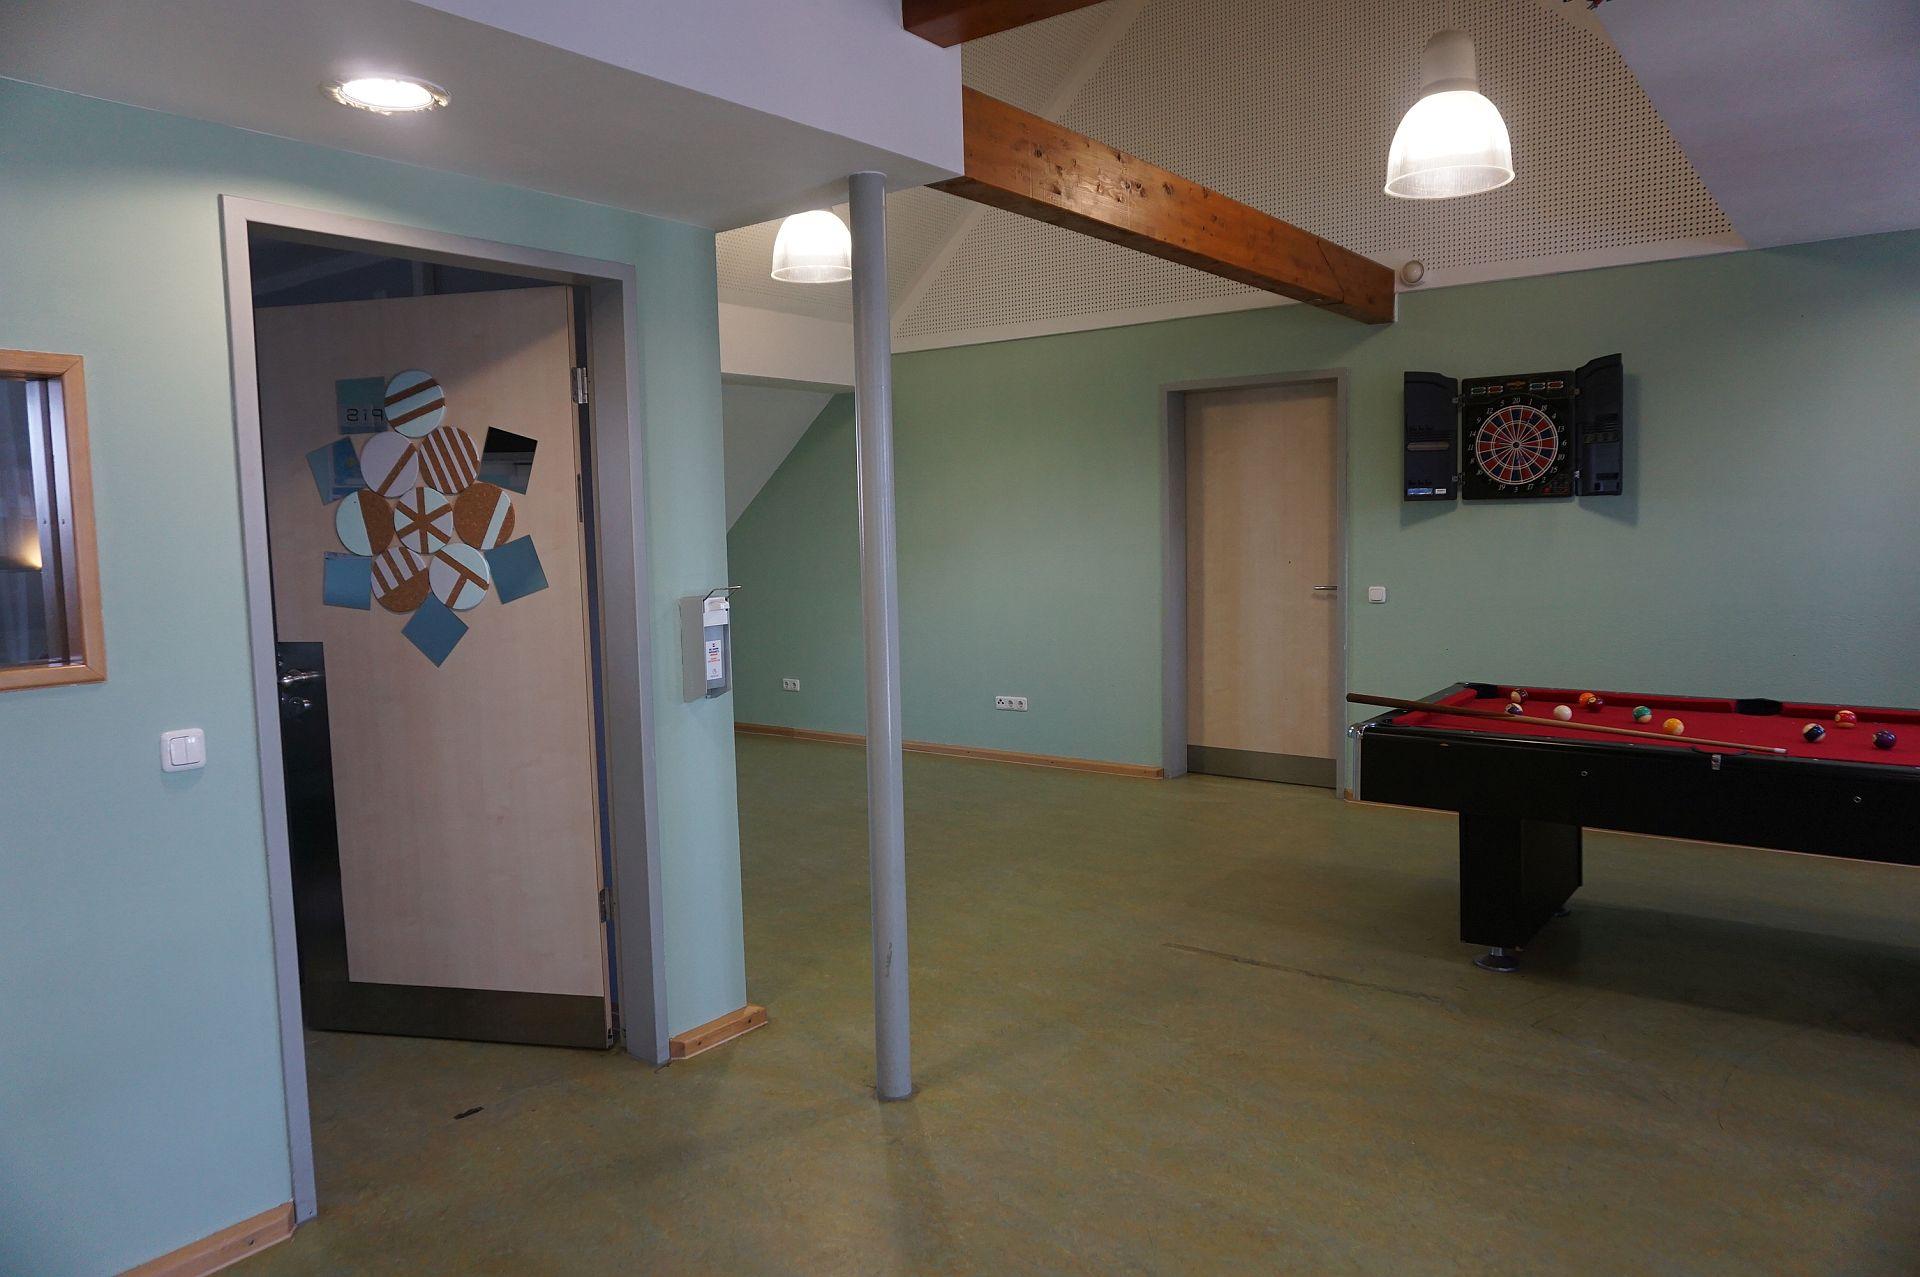 Einblick in einen hellen Raum, holzfarbene Türen, eine Tür beklebt mit bunten Kreisen und Quadraten, an der Wand ein Dartspiel, frei im Raum stehend ein Billardtisch. An der Wand hängend ein Desinfektionsmittelspender.